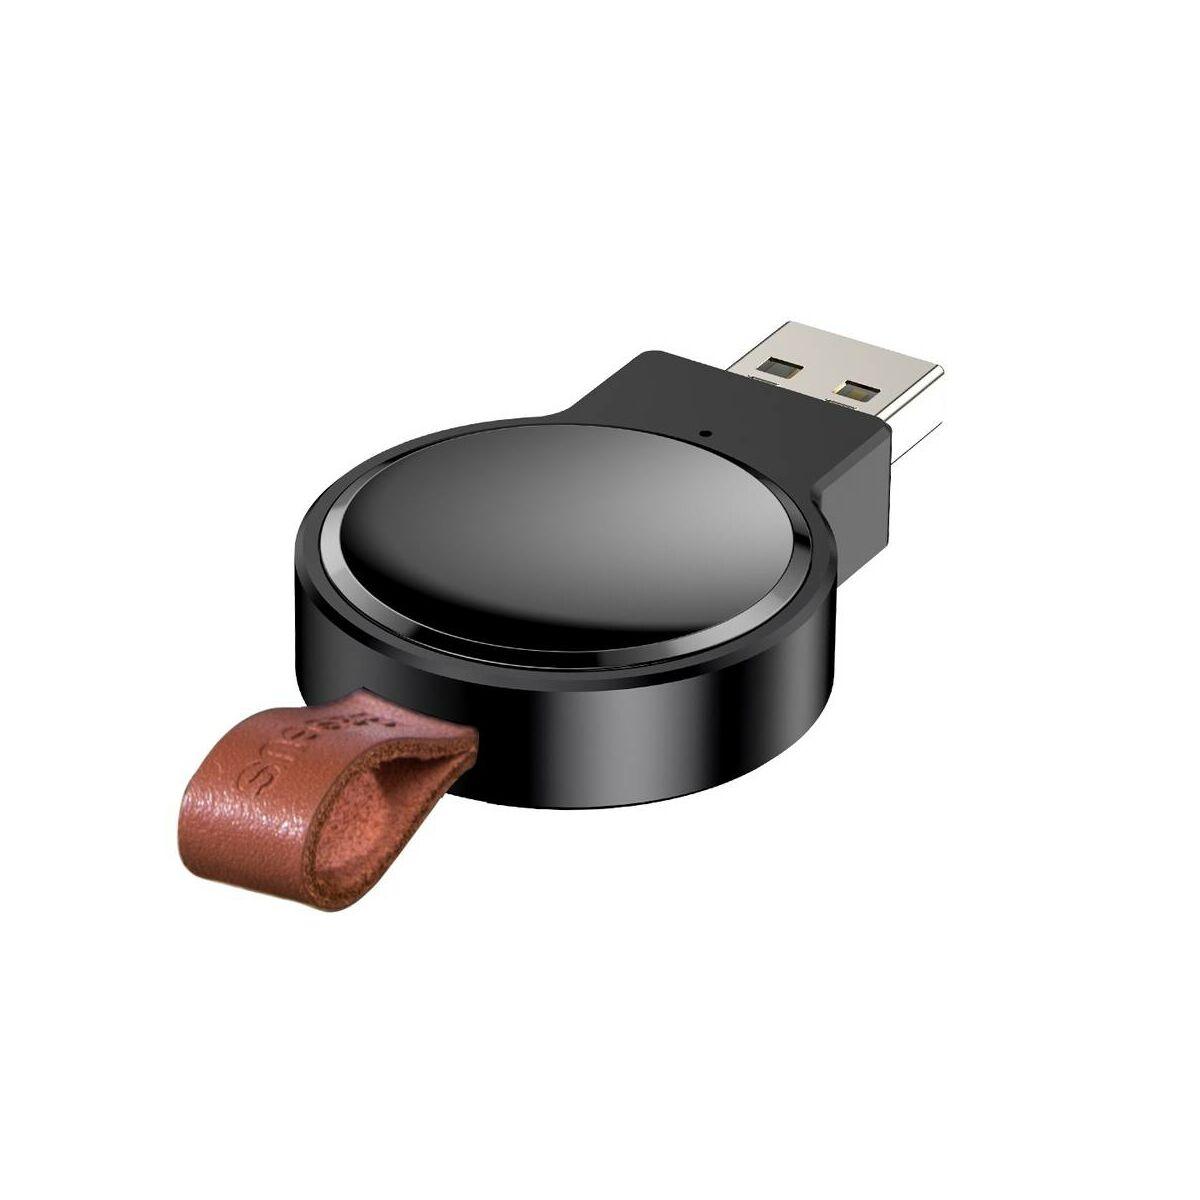 Baseus vezeték nélküli töltő, Dotter Apple Watch modellekhez, fekete (WXYDIW02-01)